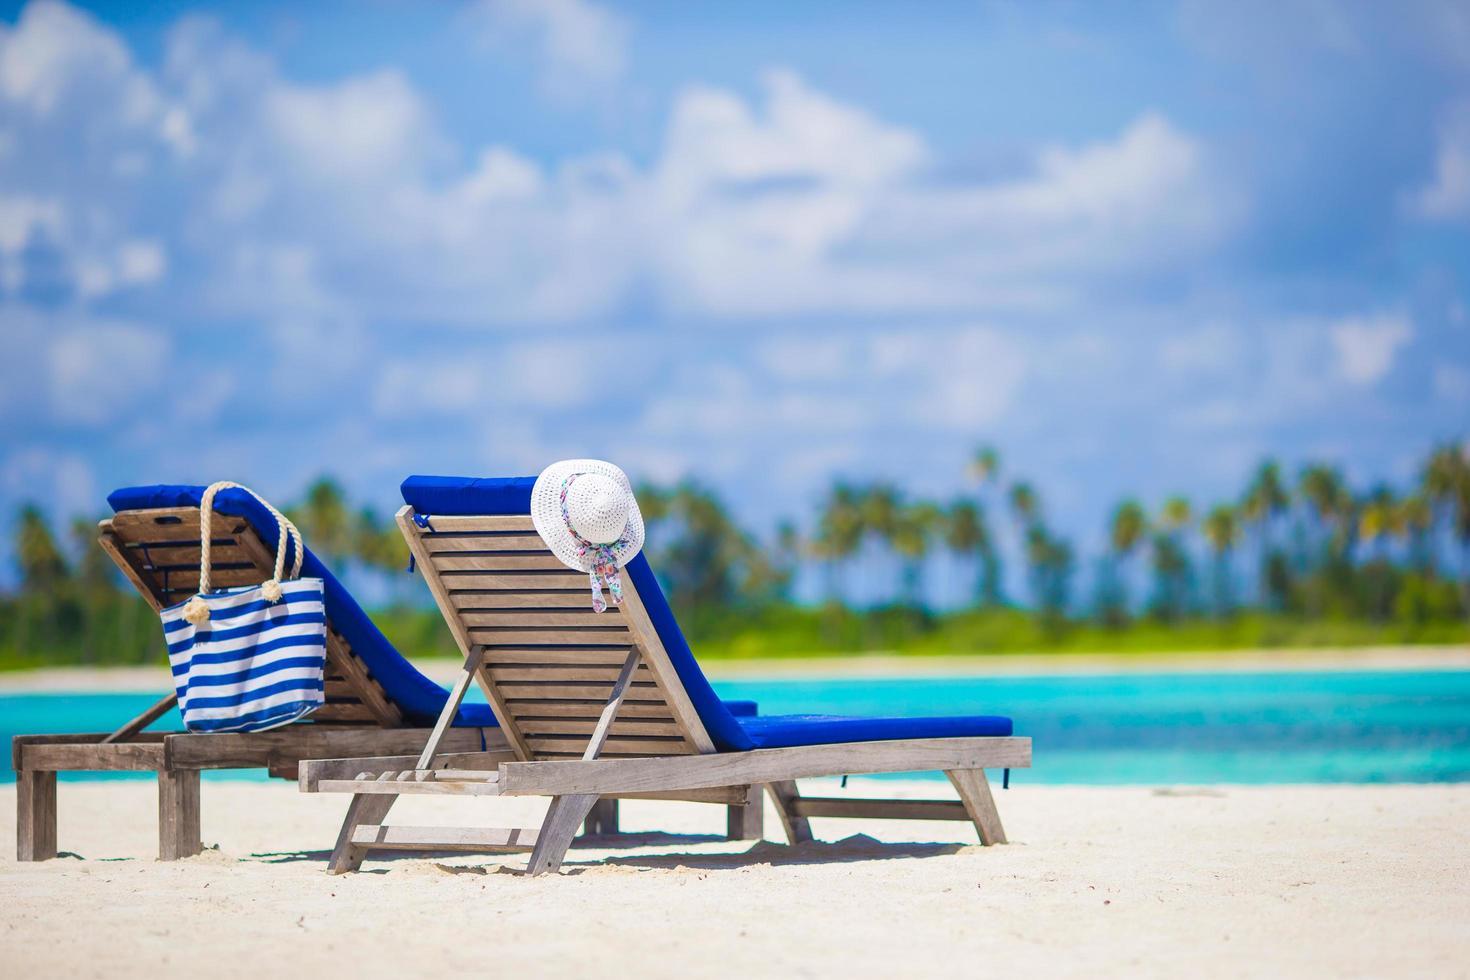 dos sillones en una playa tropical foto